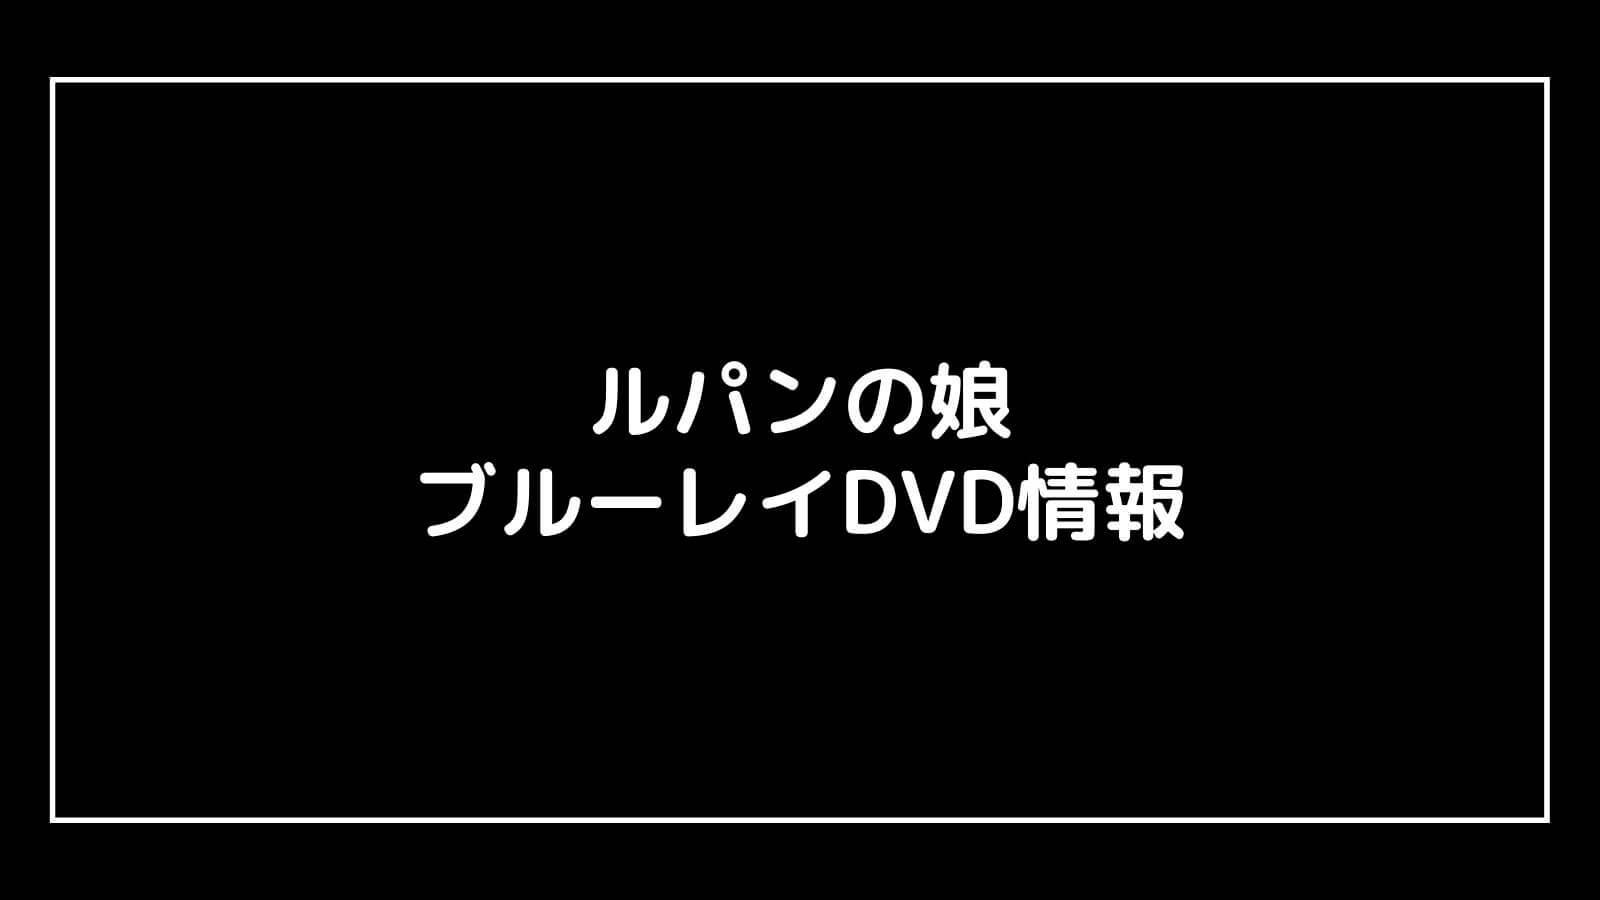 映画『ルパンの娘』のDVD発売日と予約開始日はいつから?円盤情報まとめ